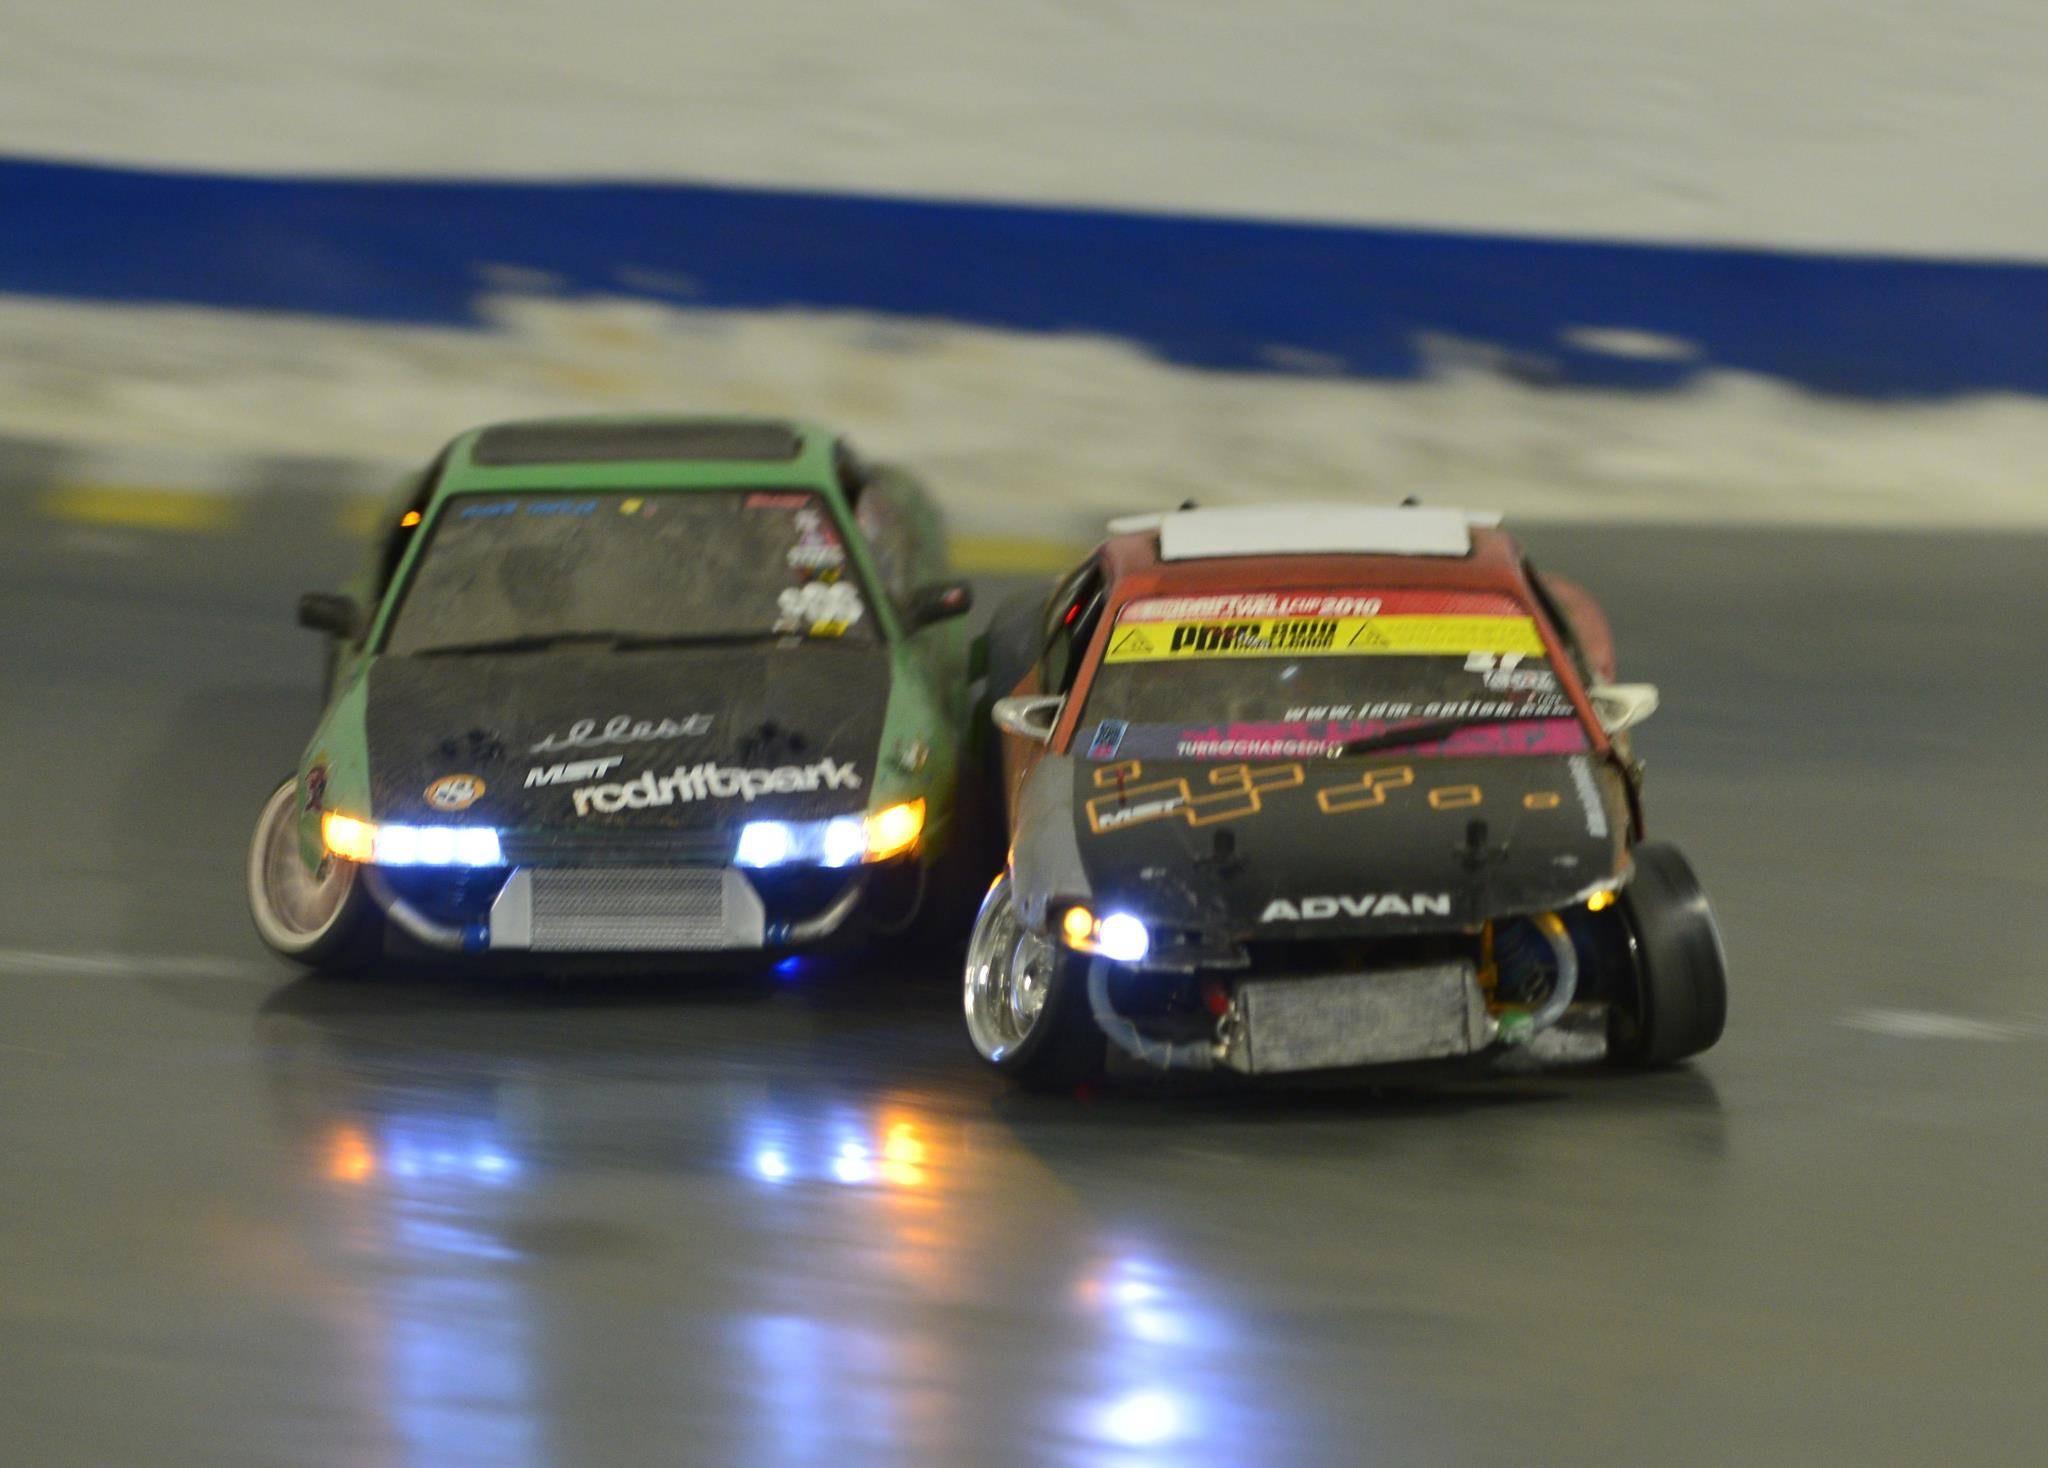 Jdm Rc Drift Cars